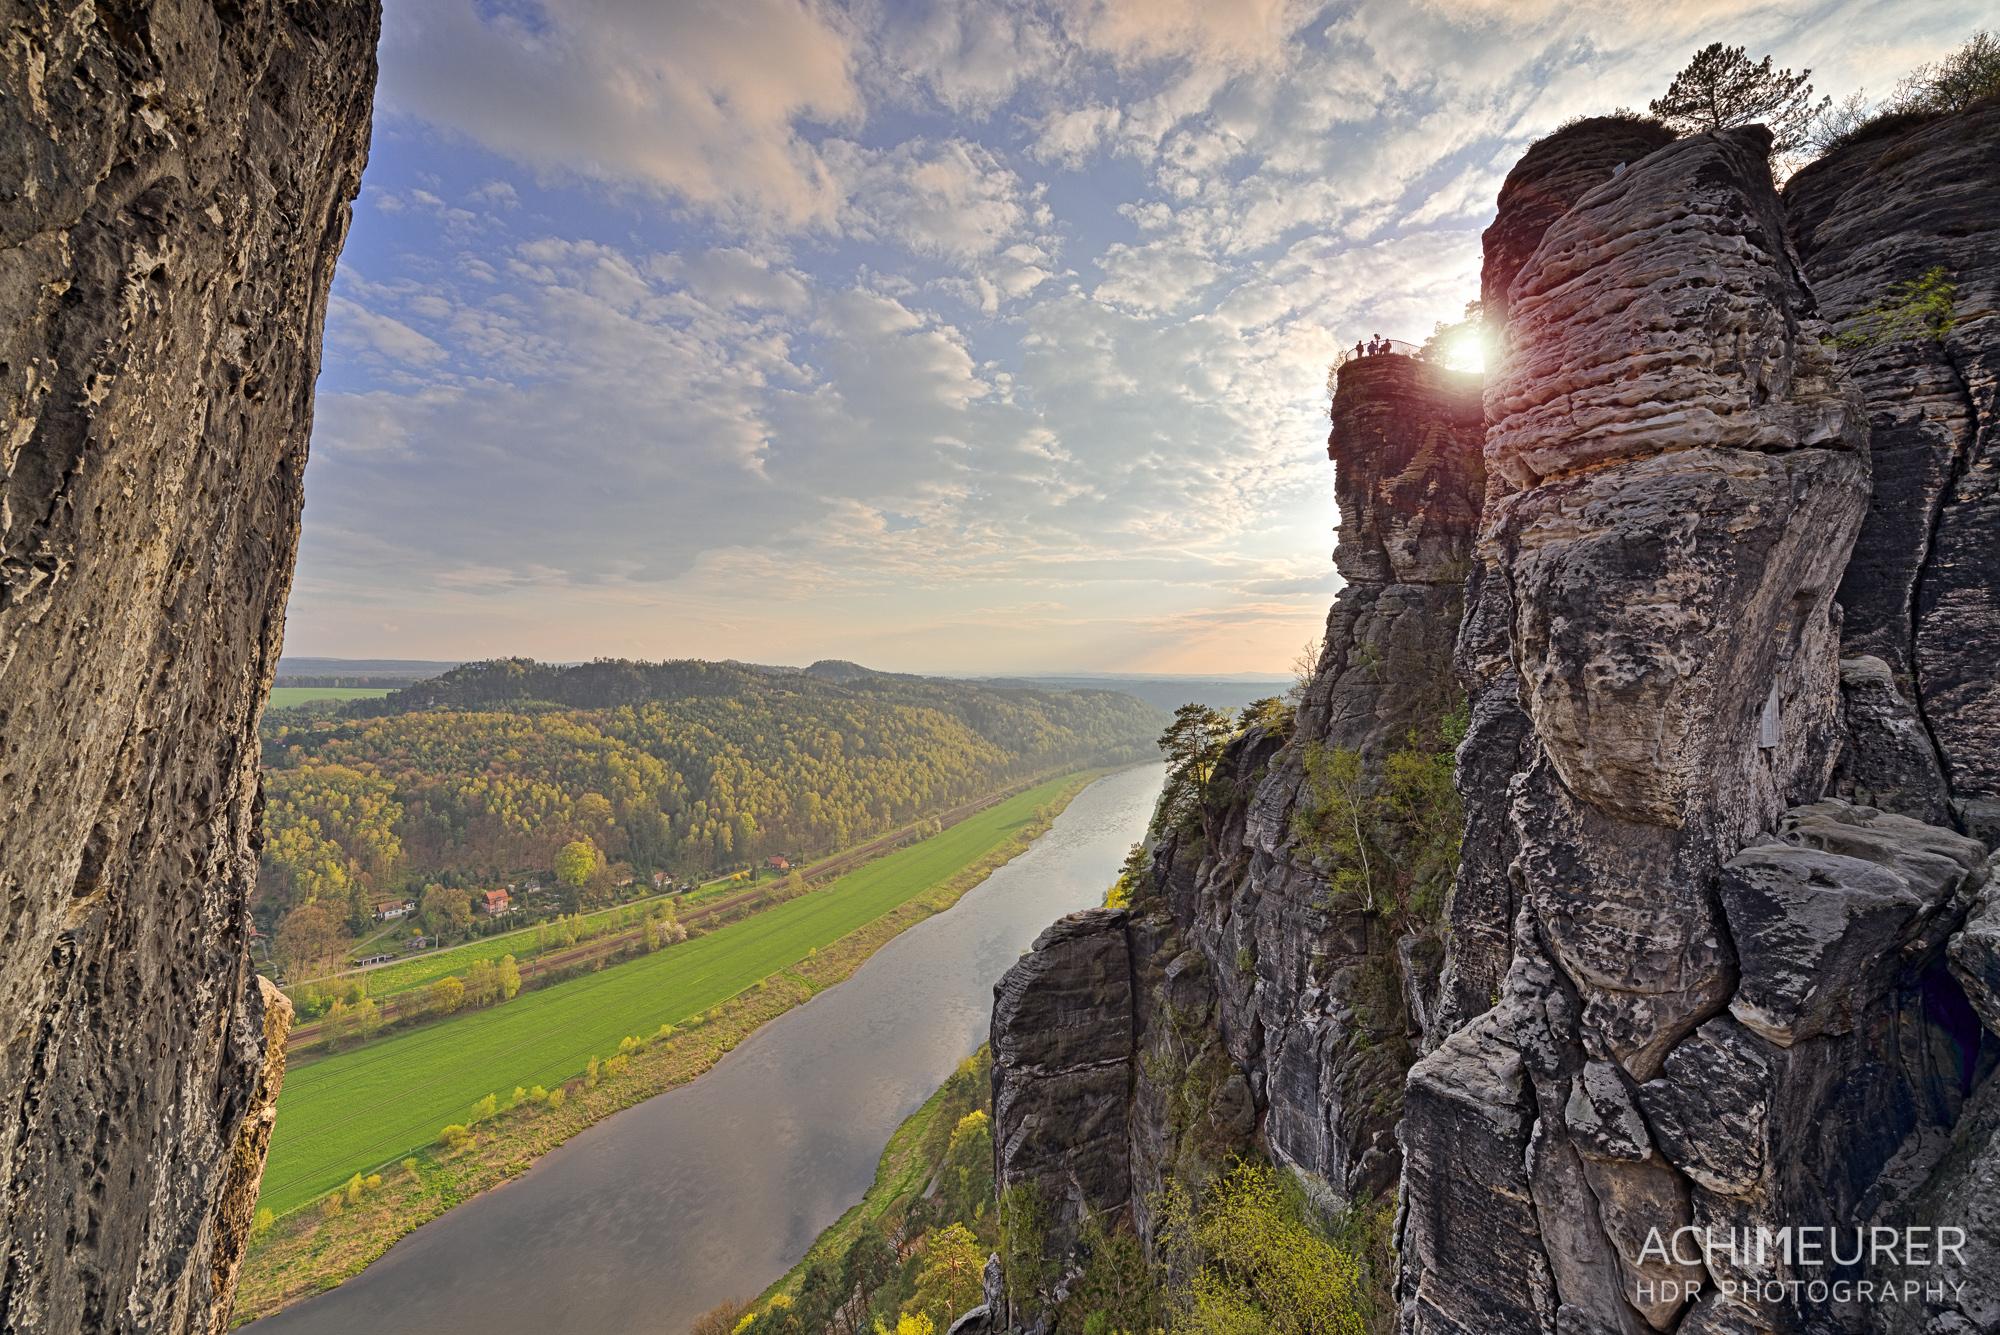 Saechsische-Schweiz-Bastei-Sonnenuntergang-Felsen_8350_49_48_47_46_45_44_HDR-Bearbeitet